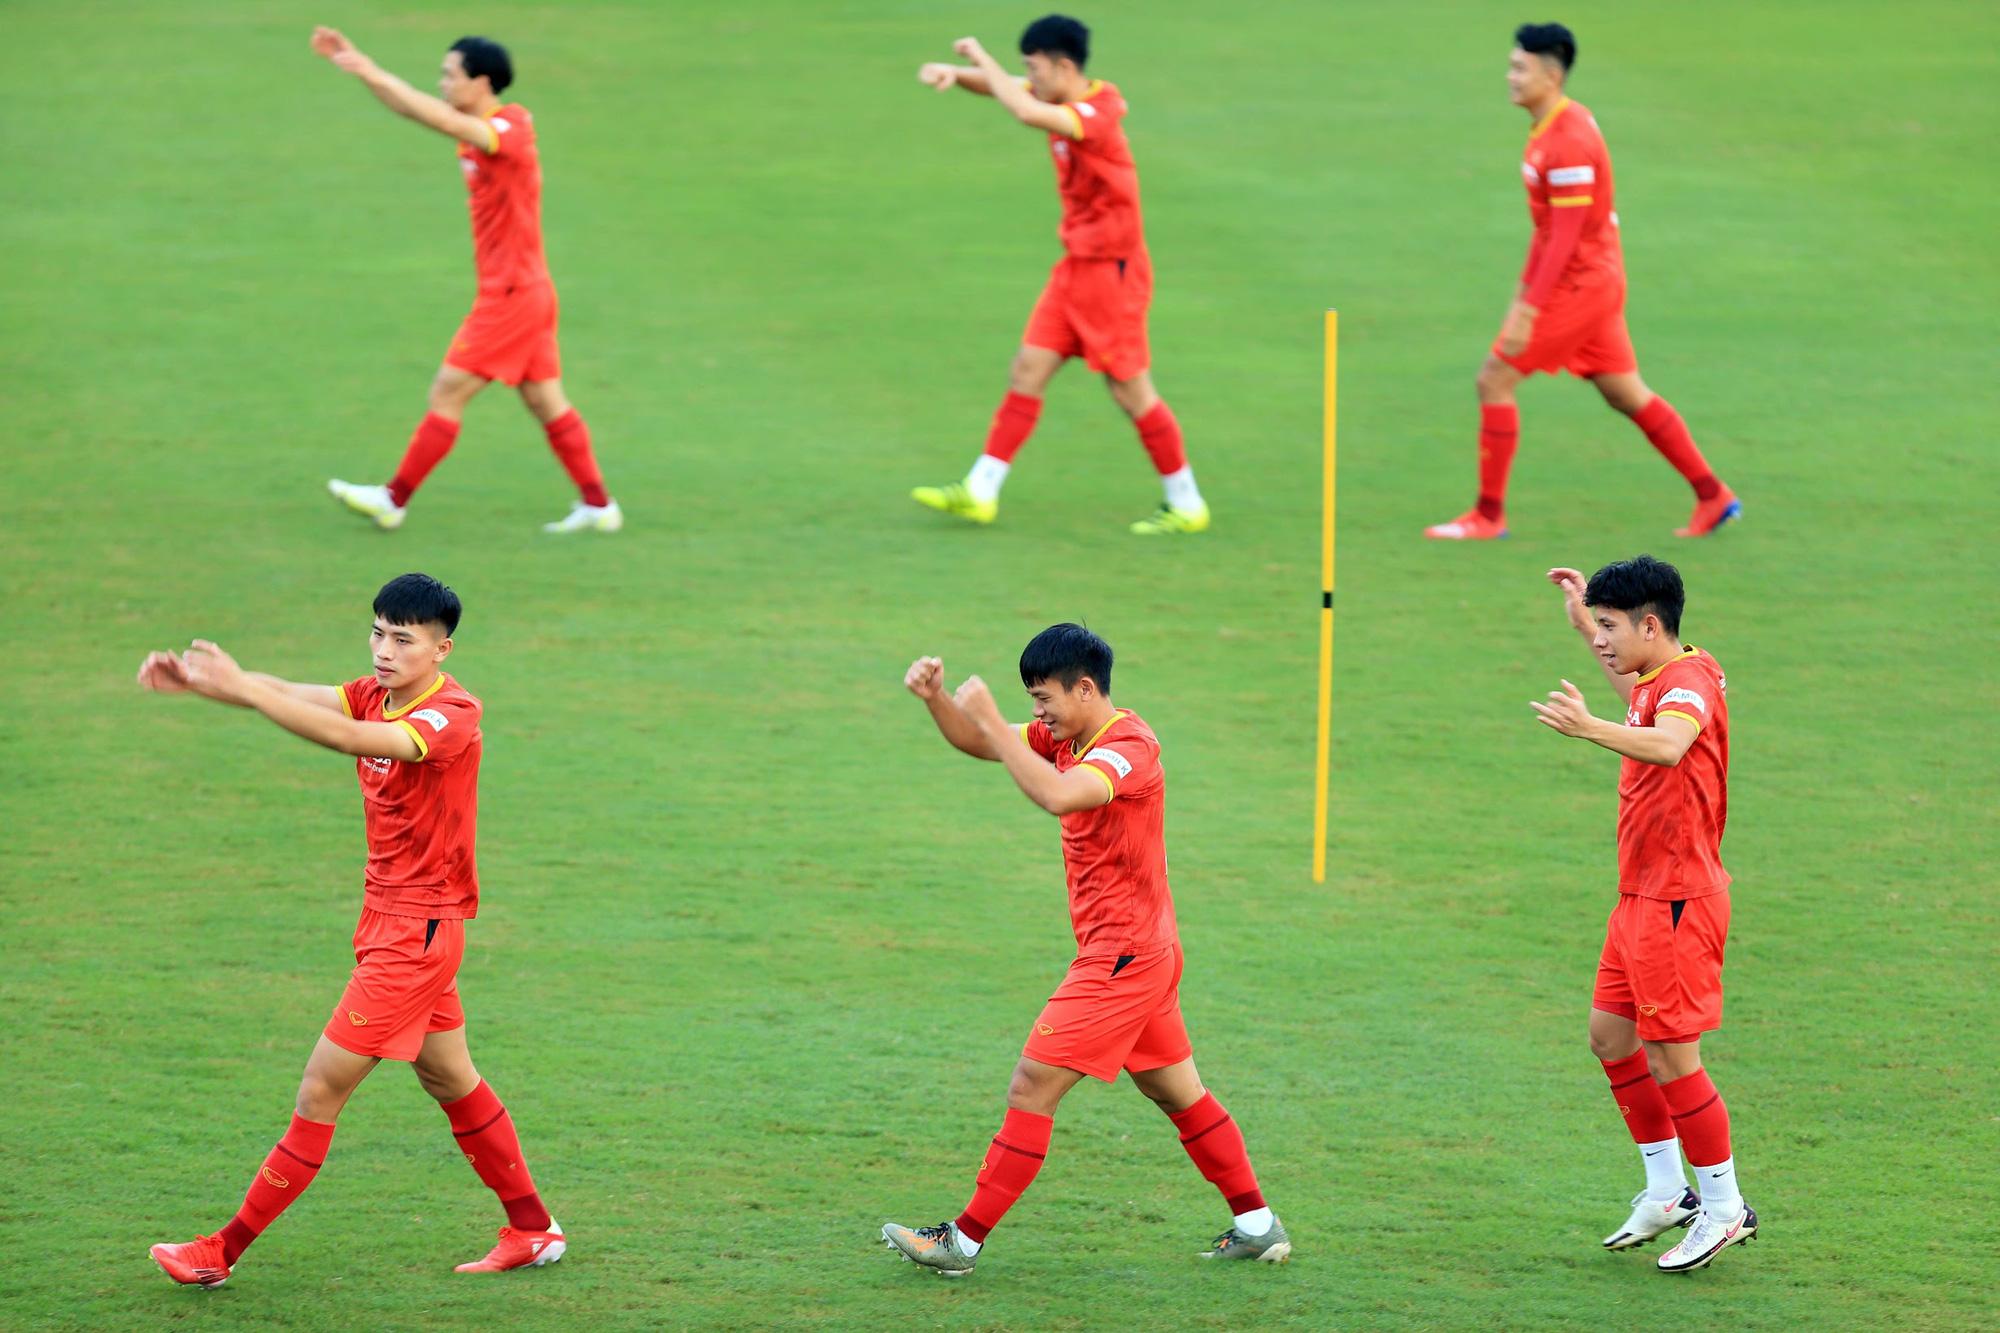 Tuấn Anh và đồng đội hào hứng khi trở thành thủ môn bất đắc dĩ cho tuyển Việt Nam - ảnh 10